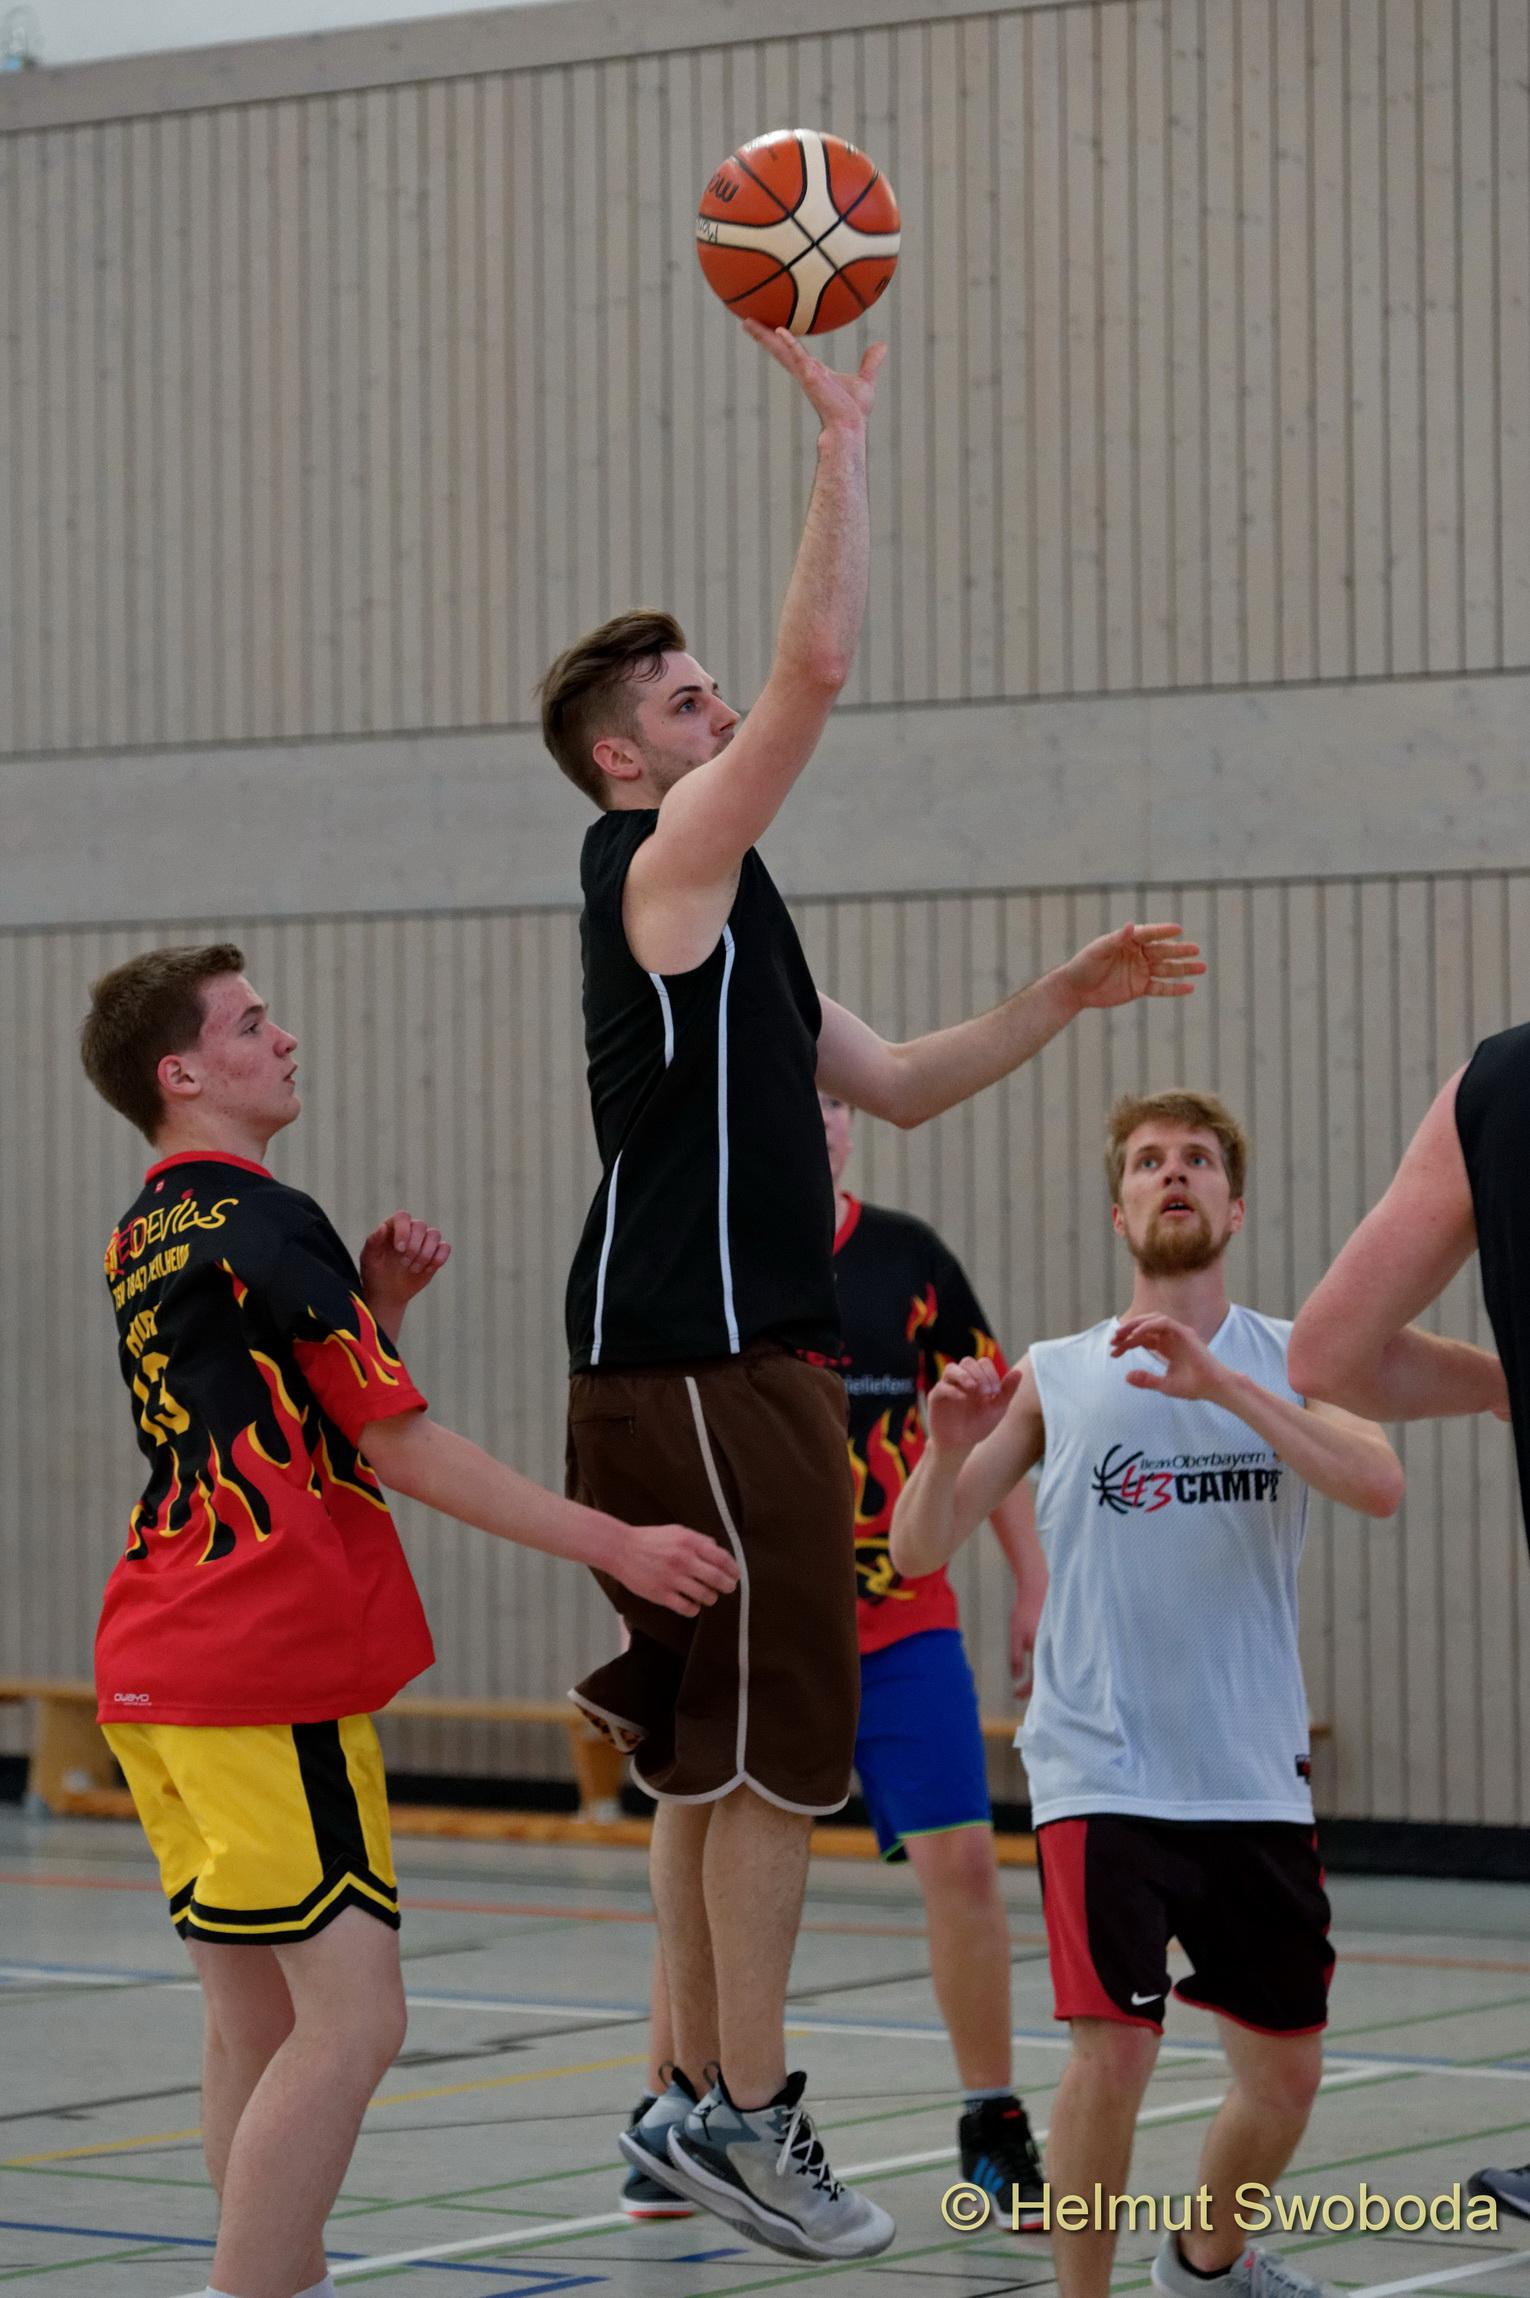 d170402-161235400-100-basketball_weilheim-mixed-turnier_33000554143_o